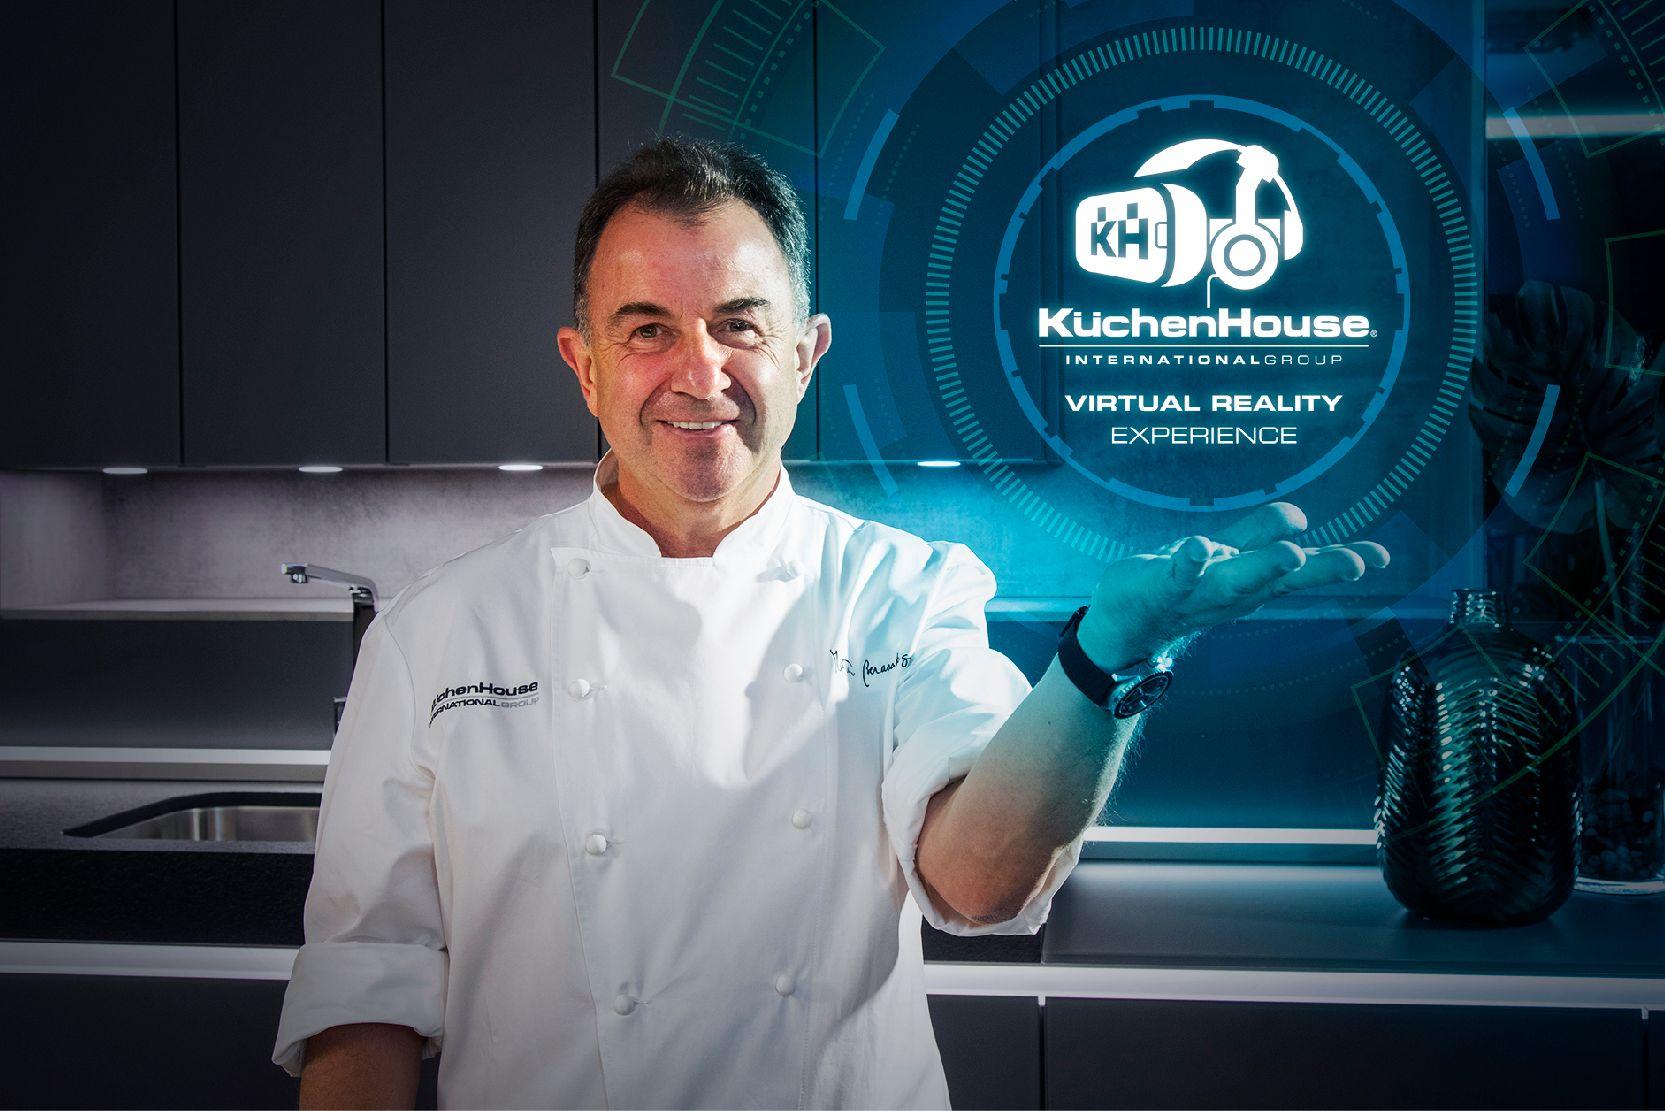 El chef Martín Berasategui